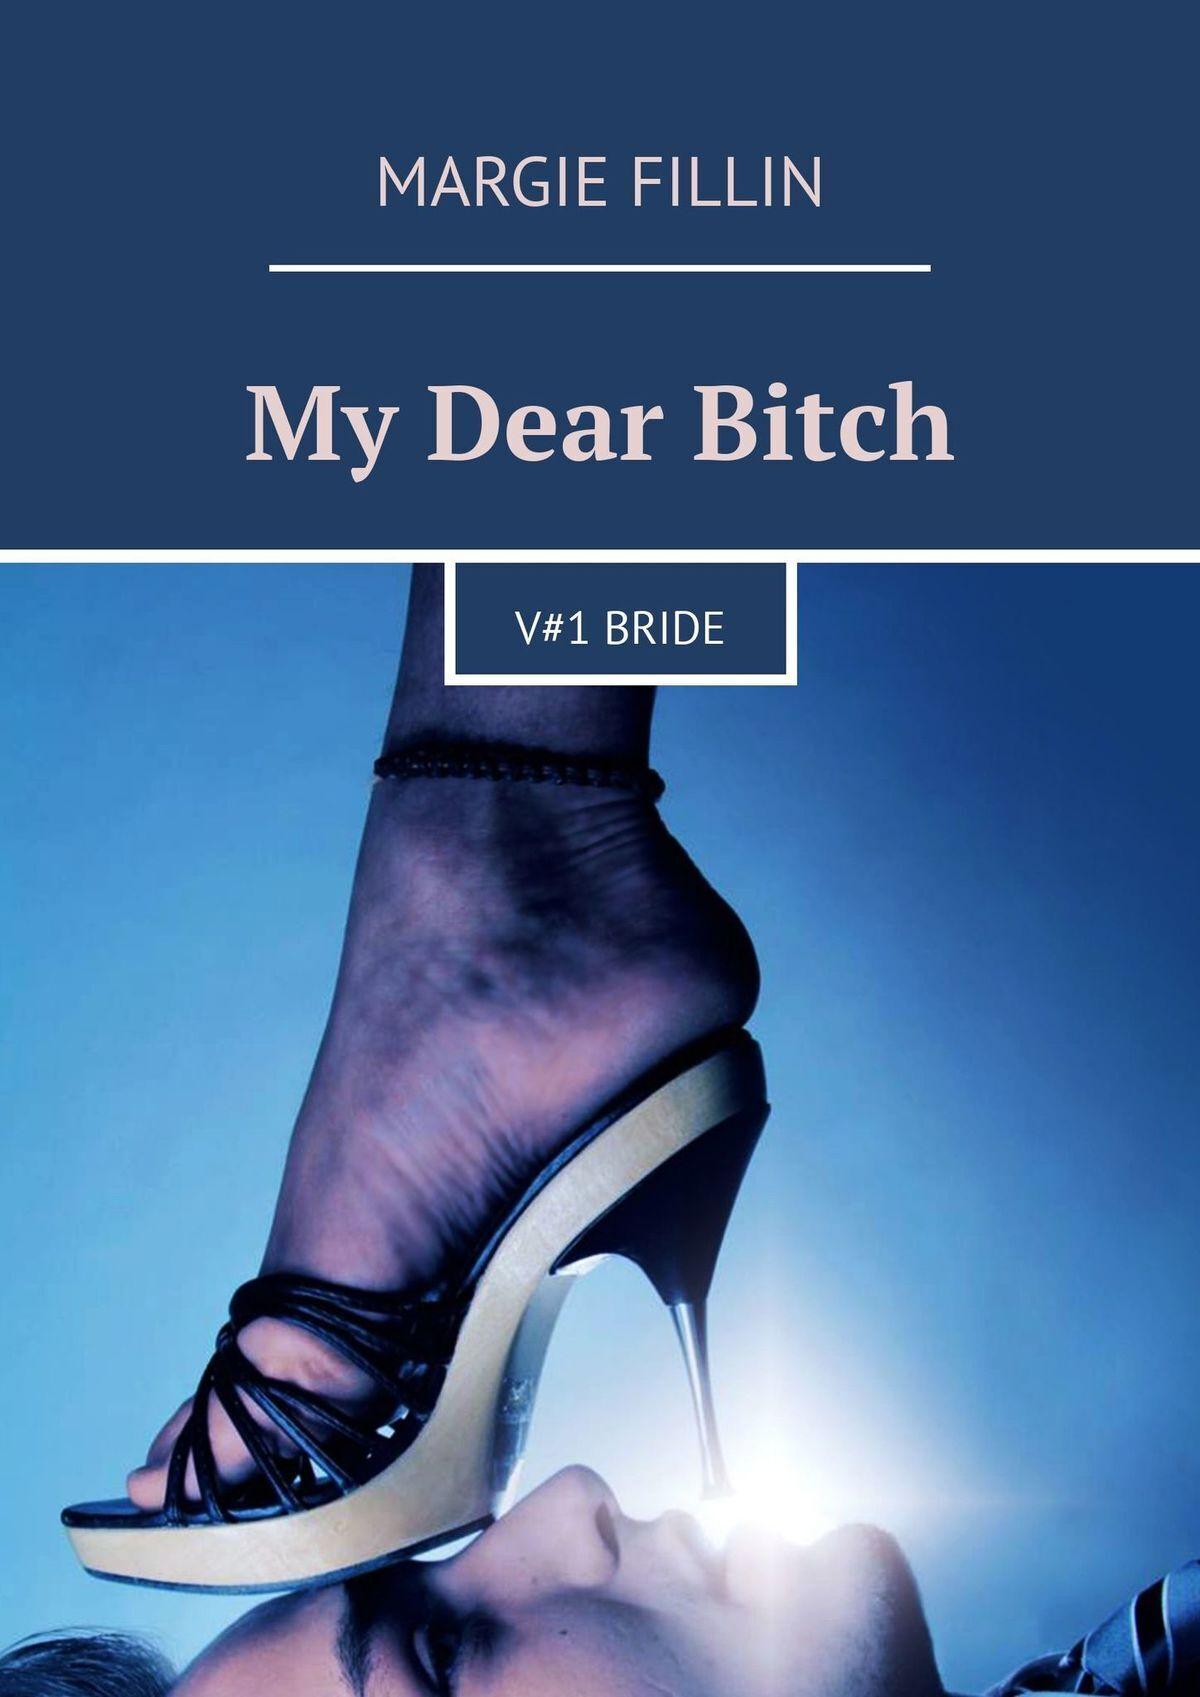 My Dear Bitch. V#1 Bride